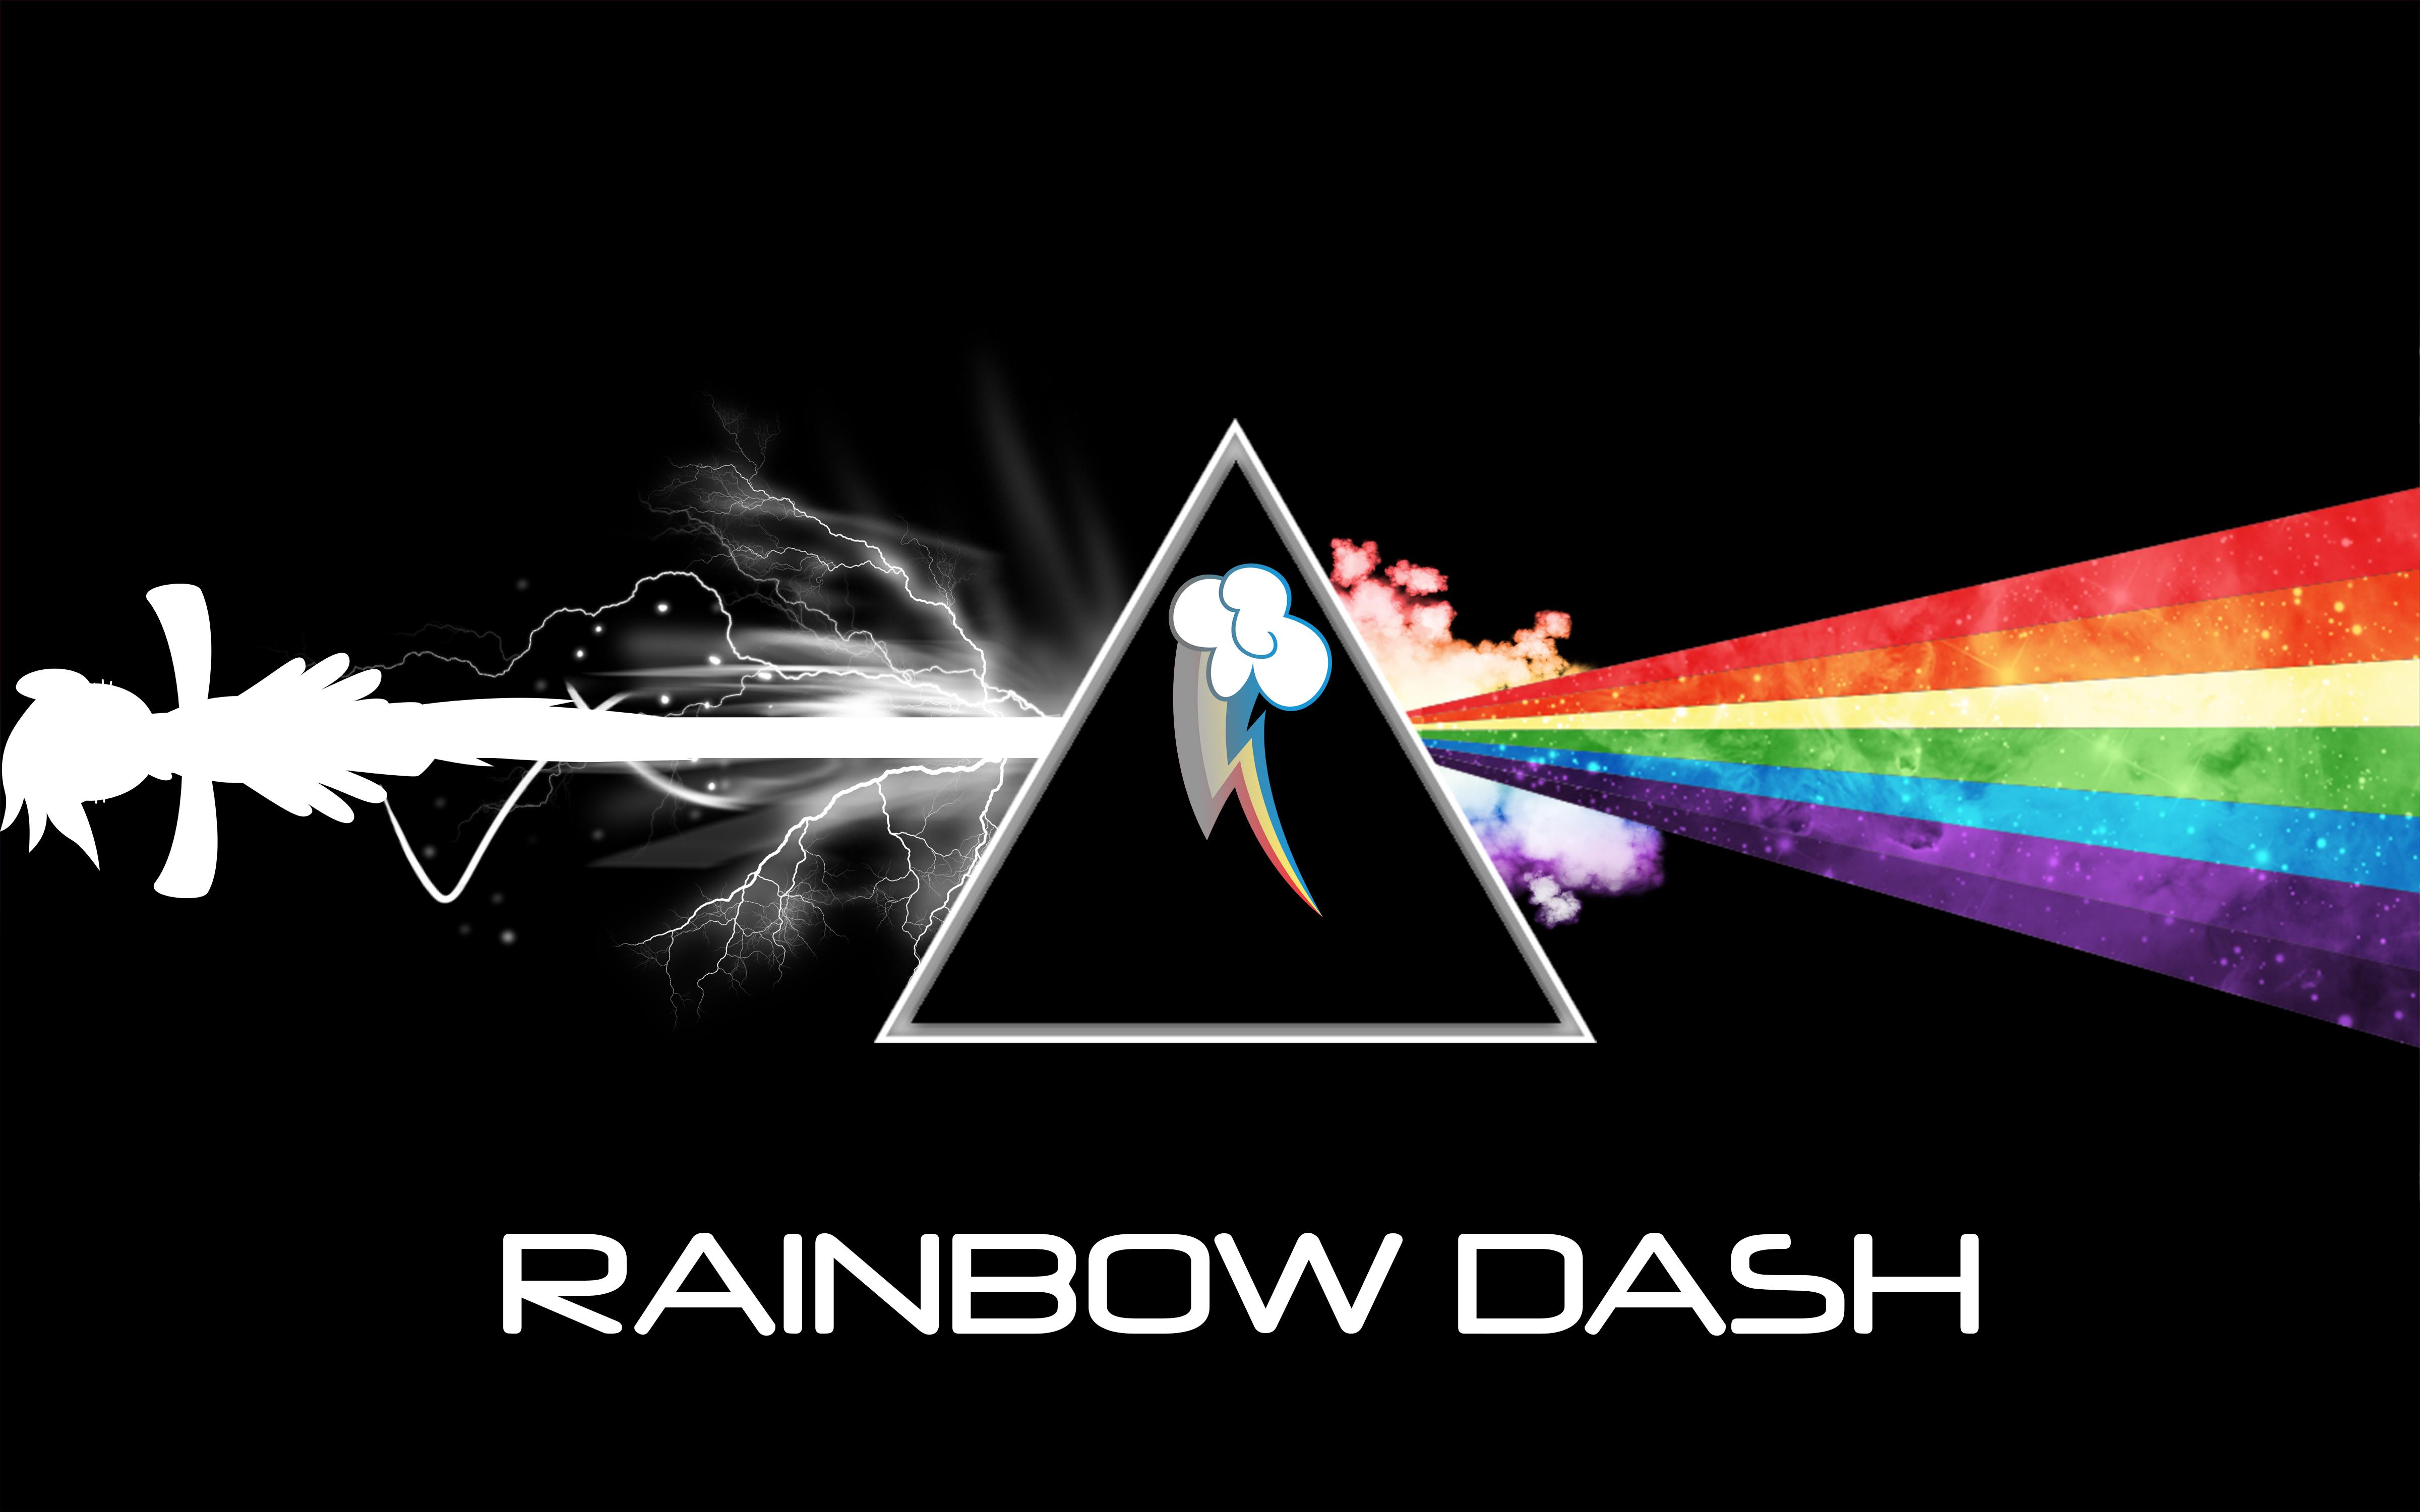 Cute Cartoon Face Wallpapers Rainbow Dash Wallpaper High Quality Pixelstalk Net